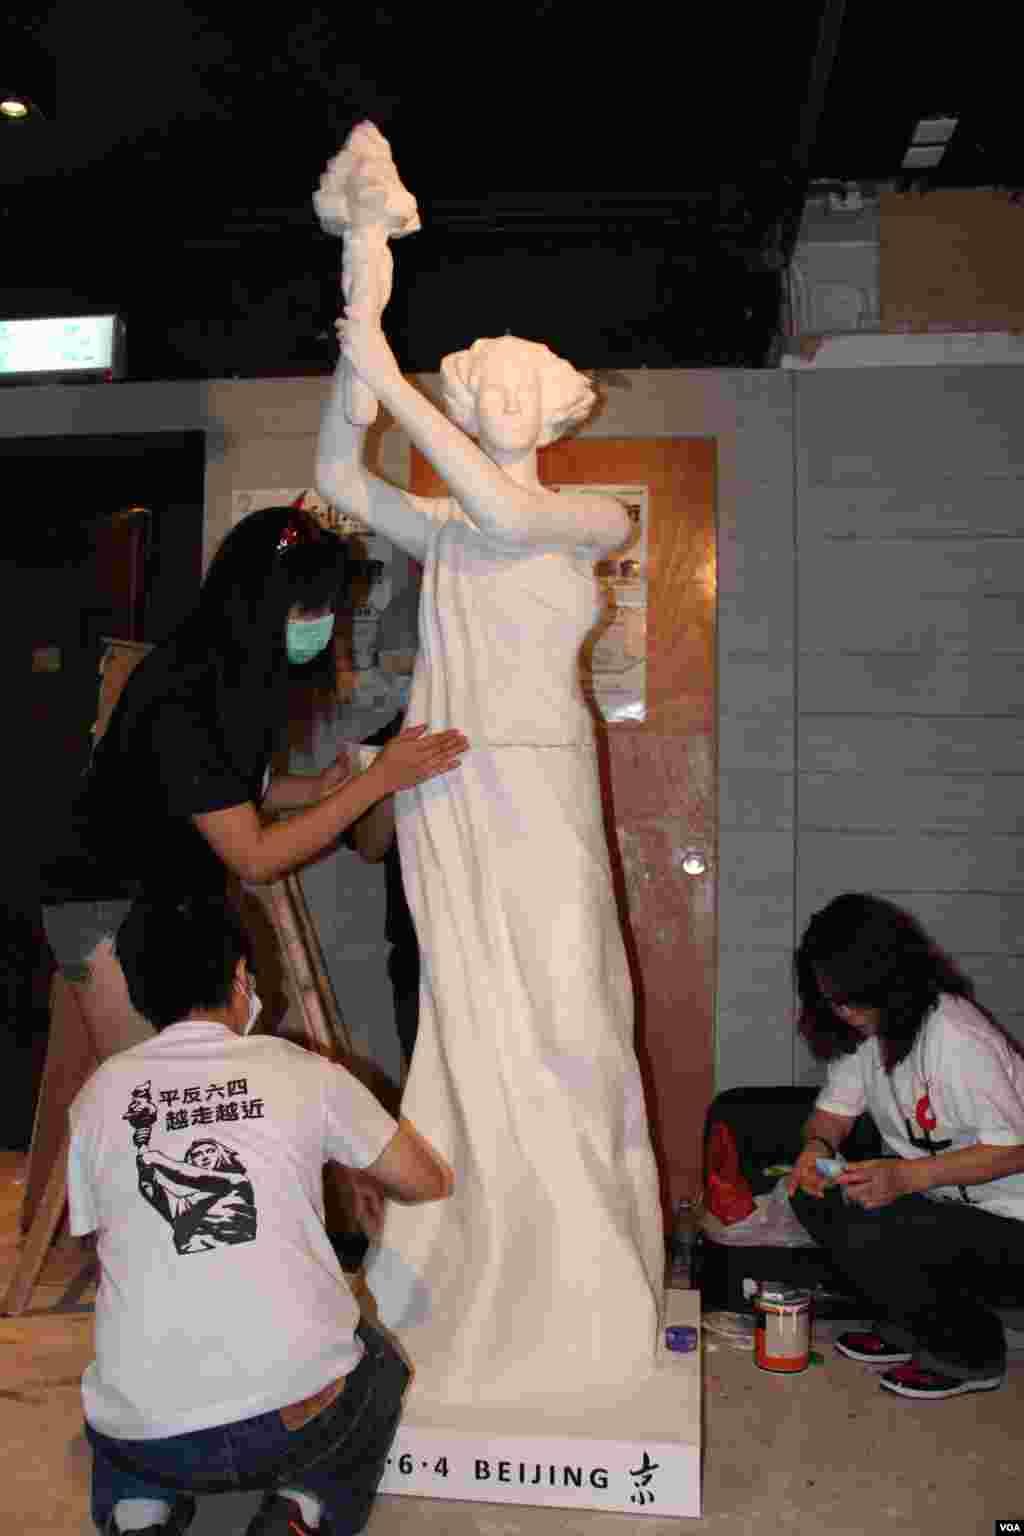 香港支联会将民主女神像运送到六四纪念馆竖立(美国之音图片/海彦拍摄)